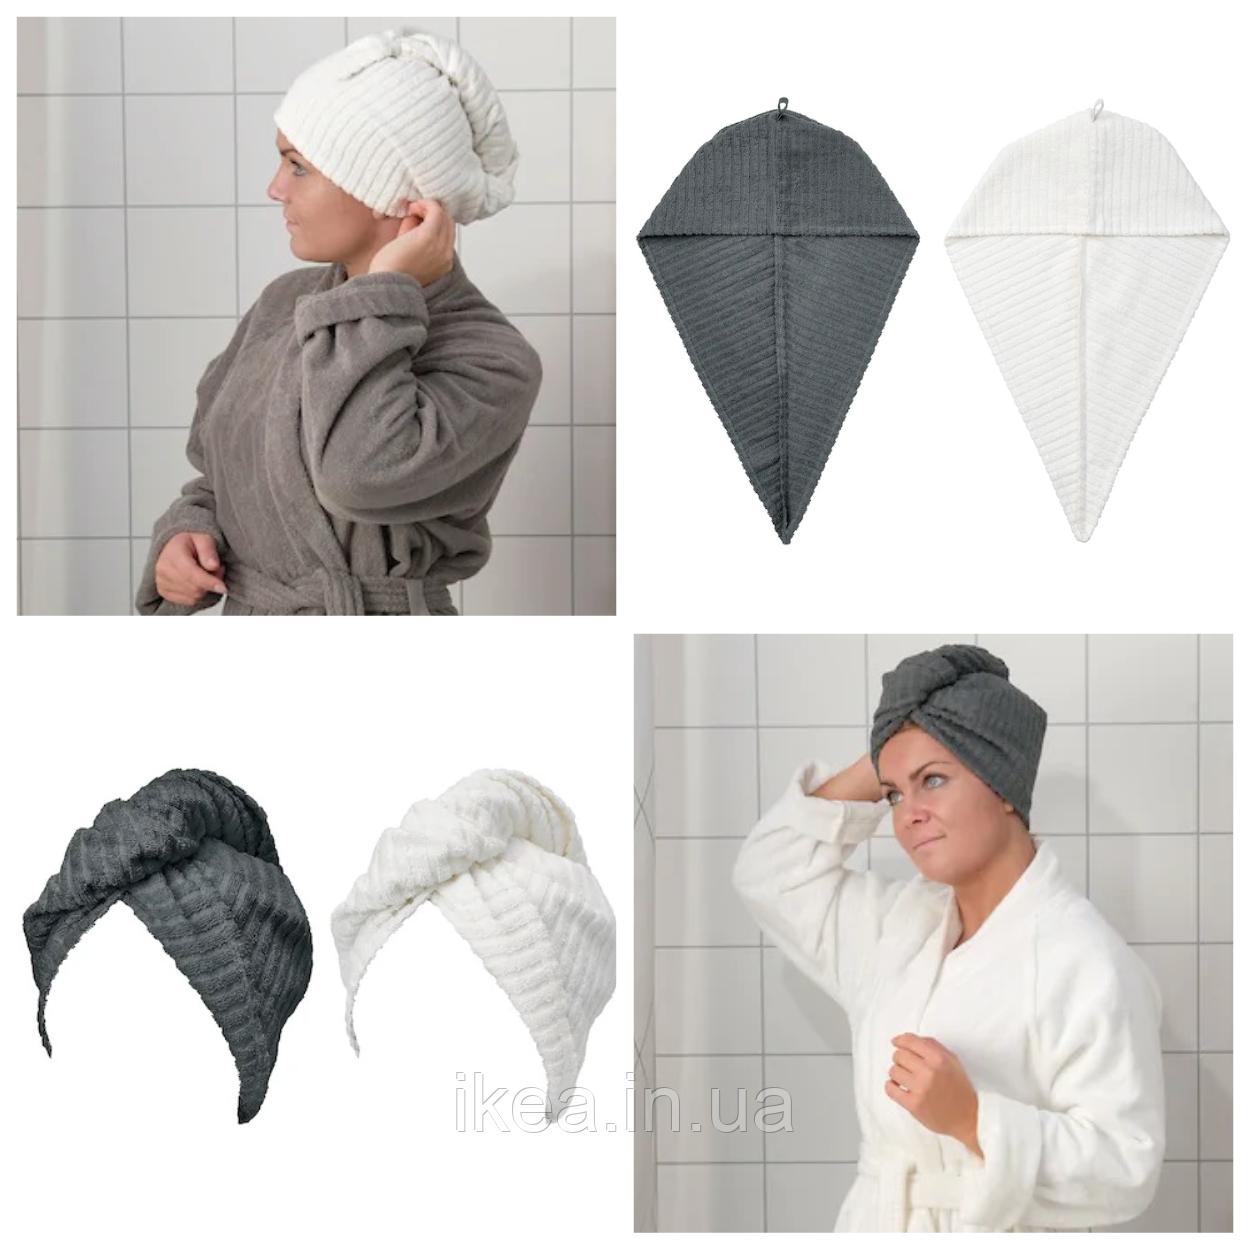 Рушник-тюрбан для сушіння волосся 100% бавовна IKEA ТРЕТТЕН ІКЕА махровий смугасте біле і сіре 2 шт